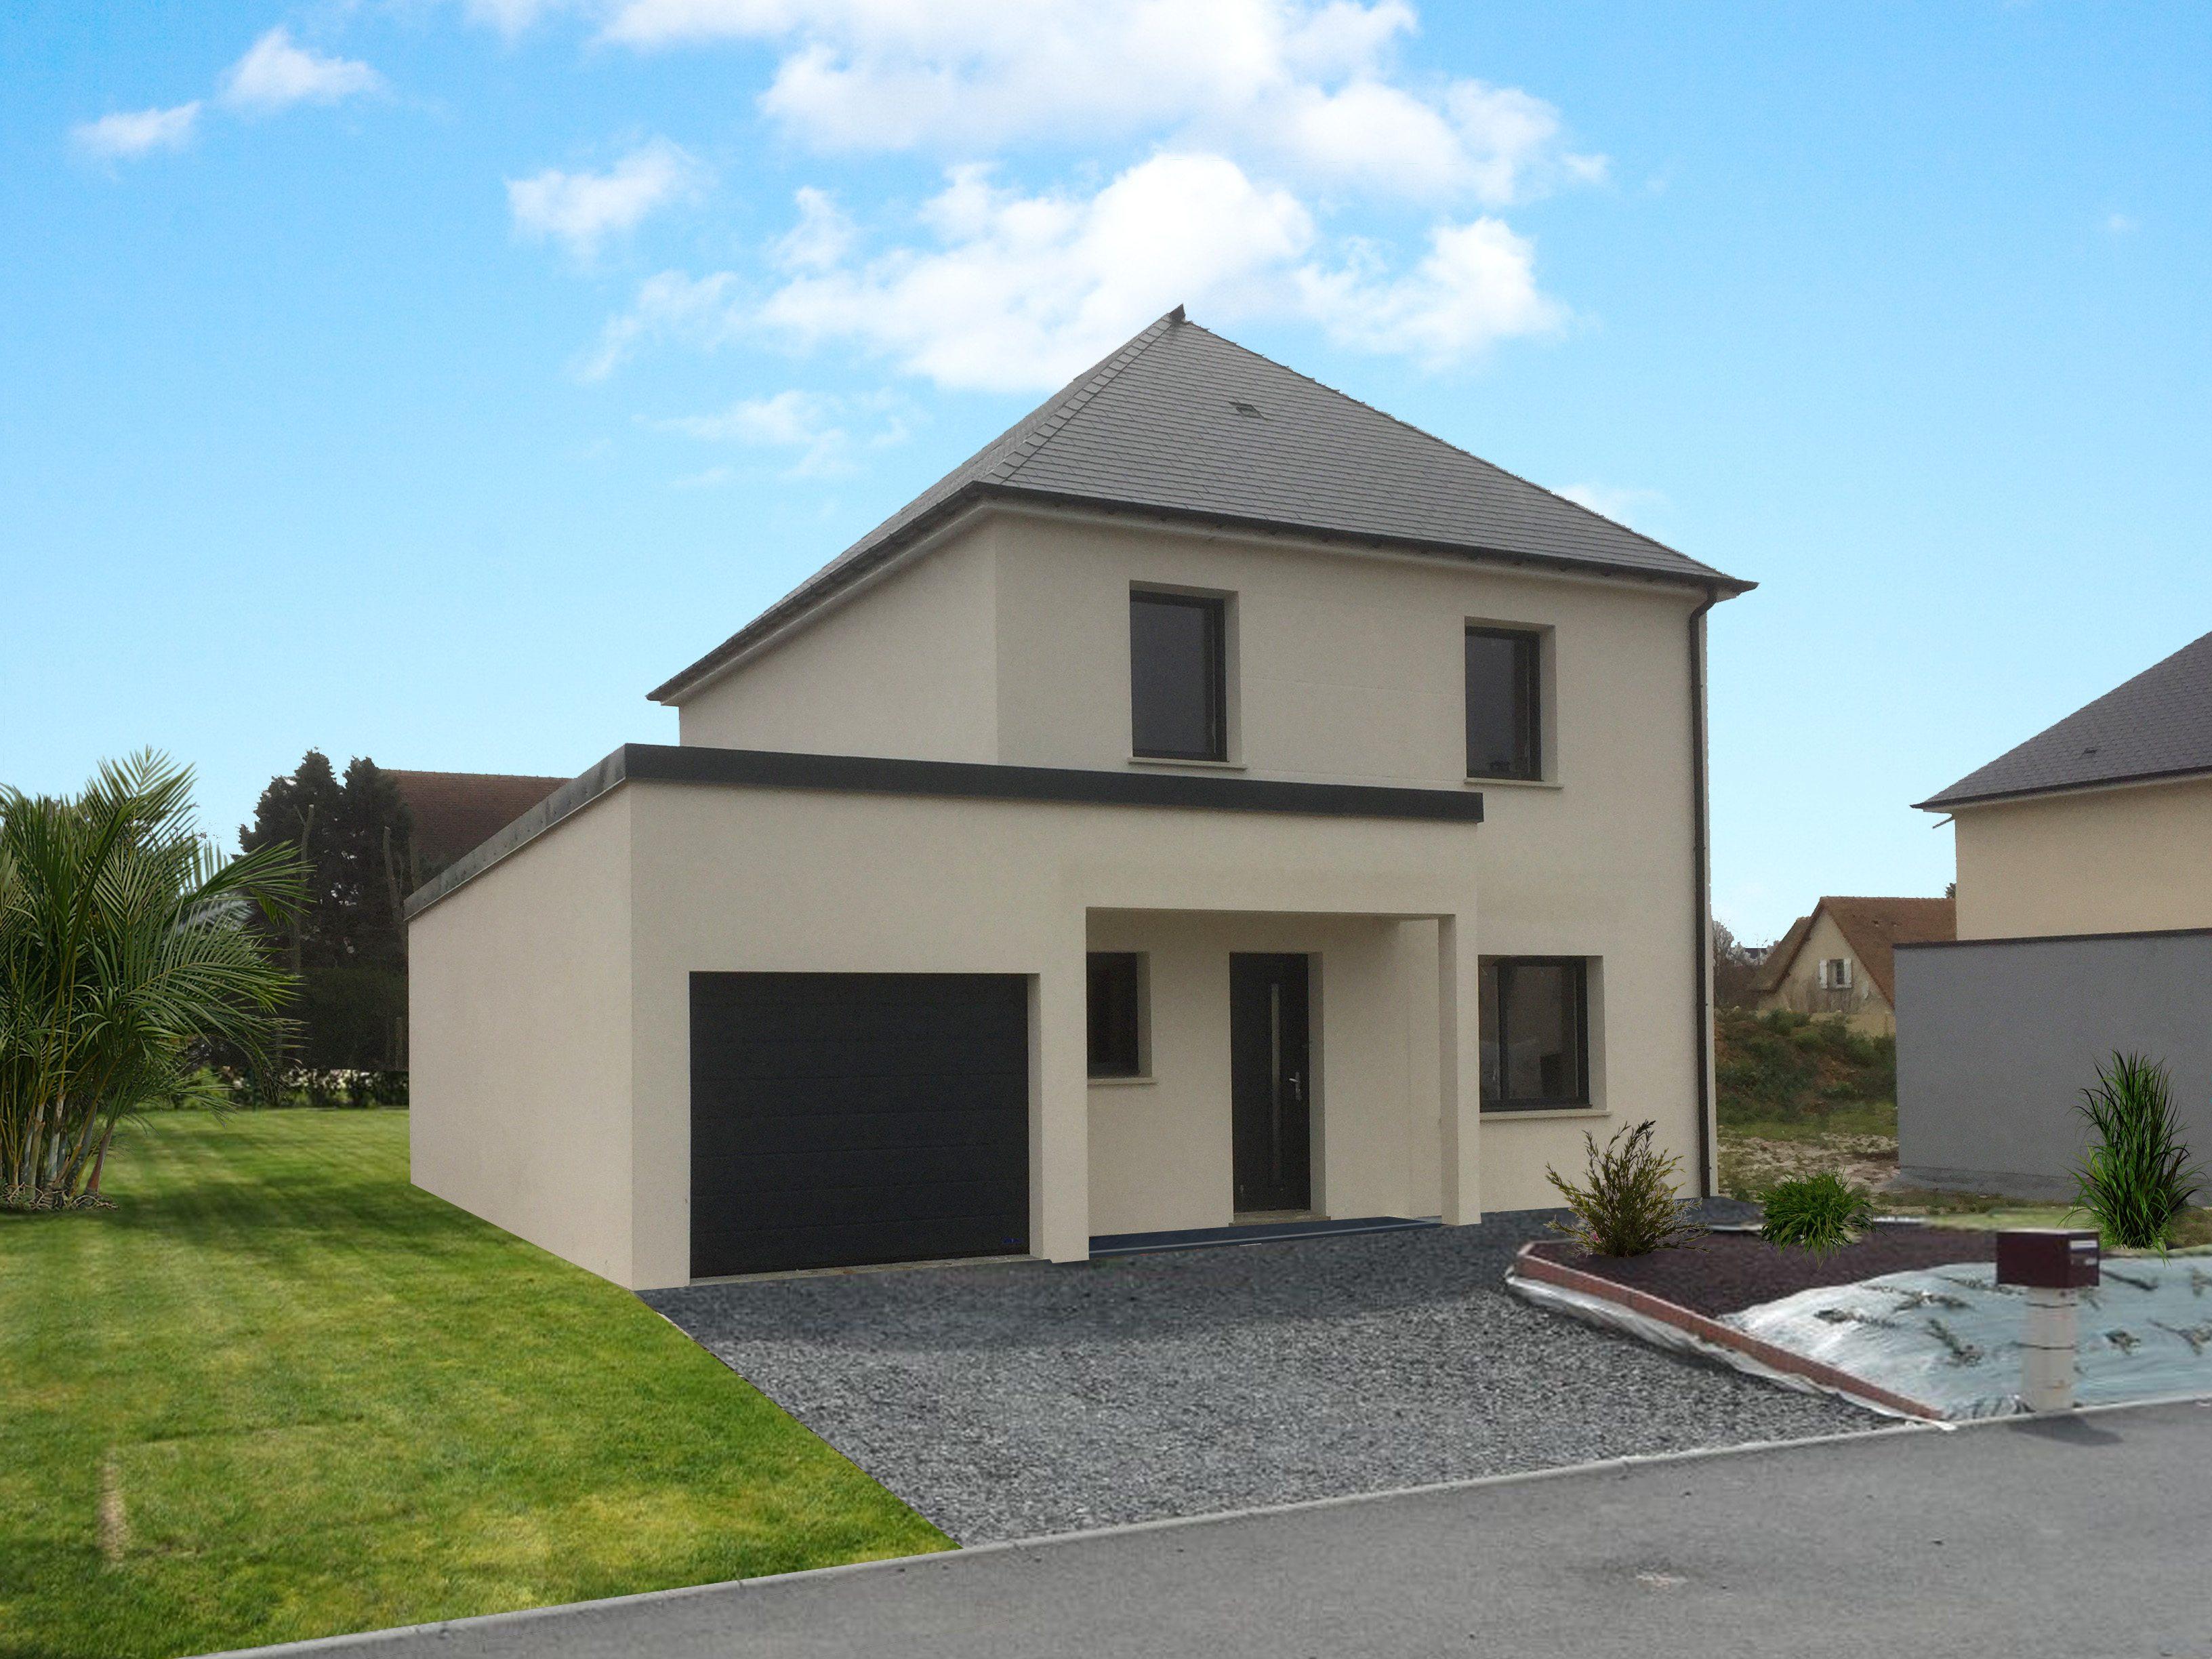 Maisons + Terrains du constructeur GEOXIA NORD OUEST • 110 m² • VERNON